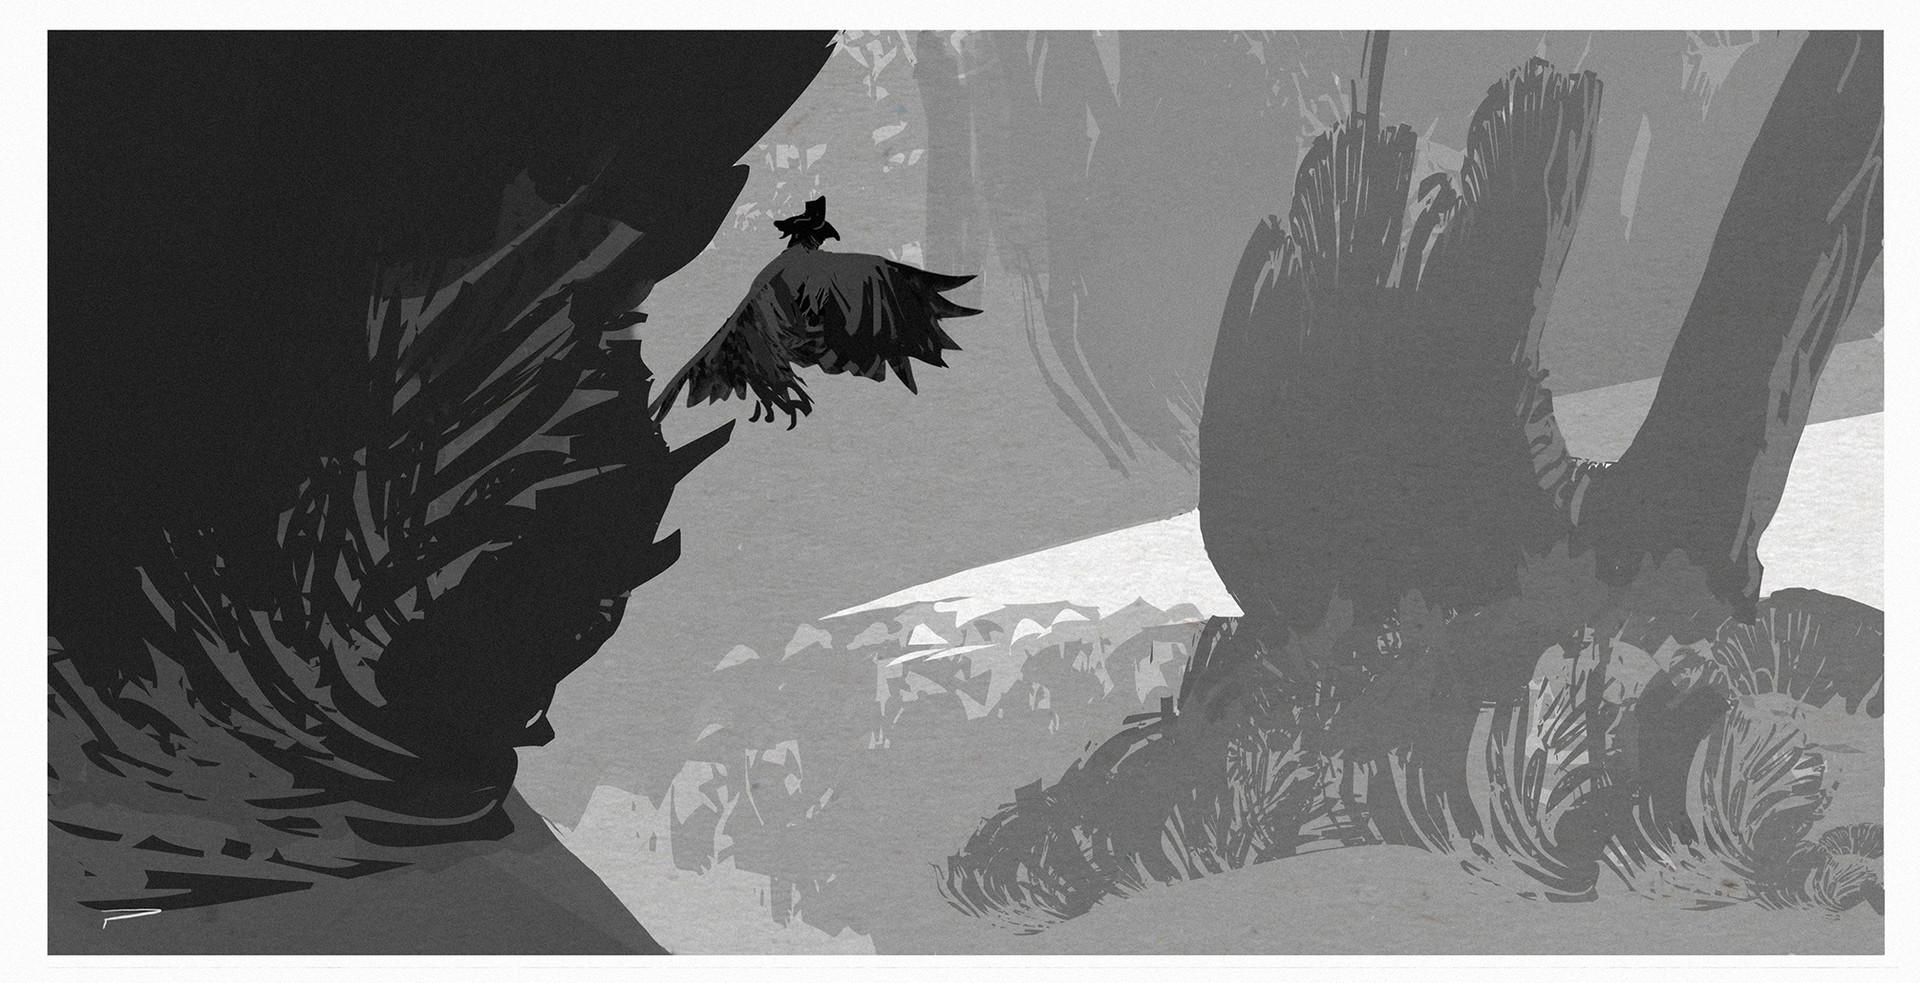 Hugo puzzuoli witch forest 03